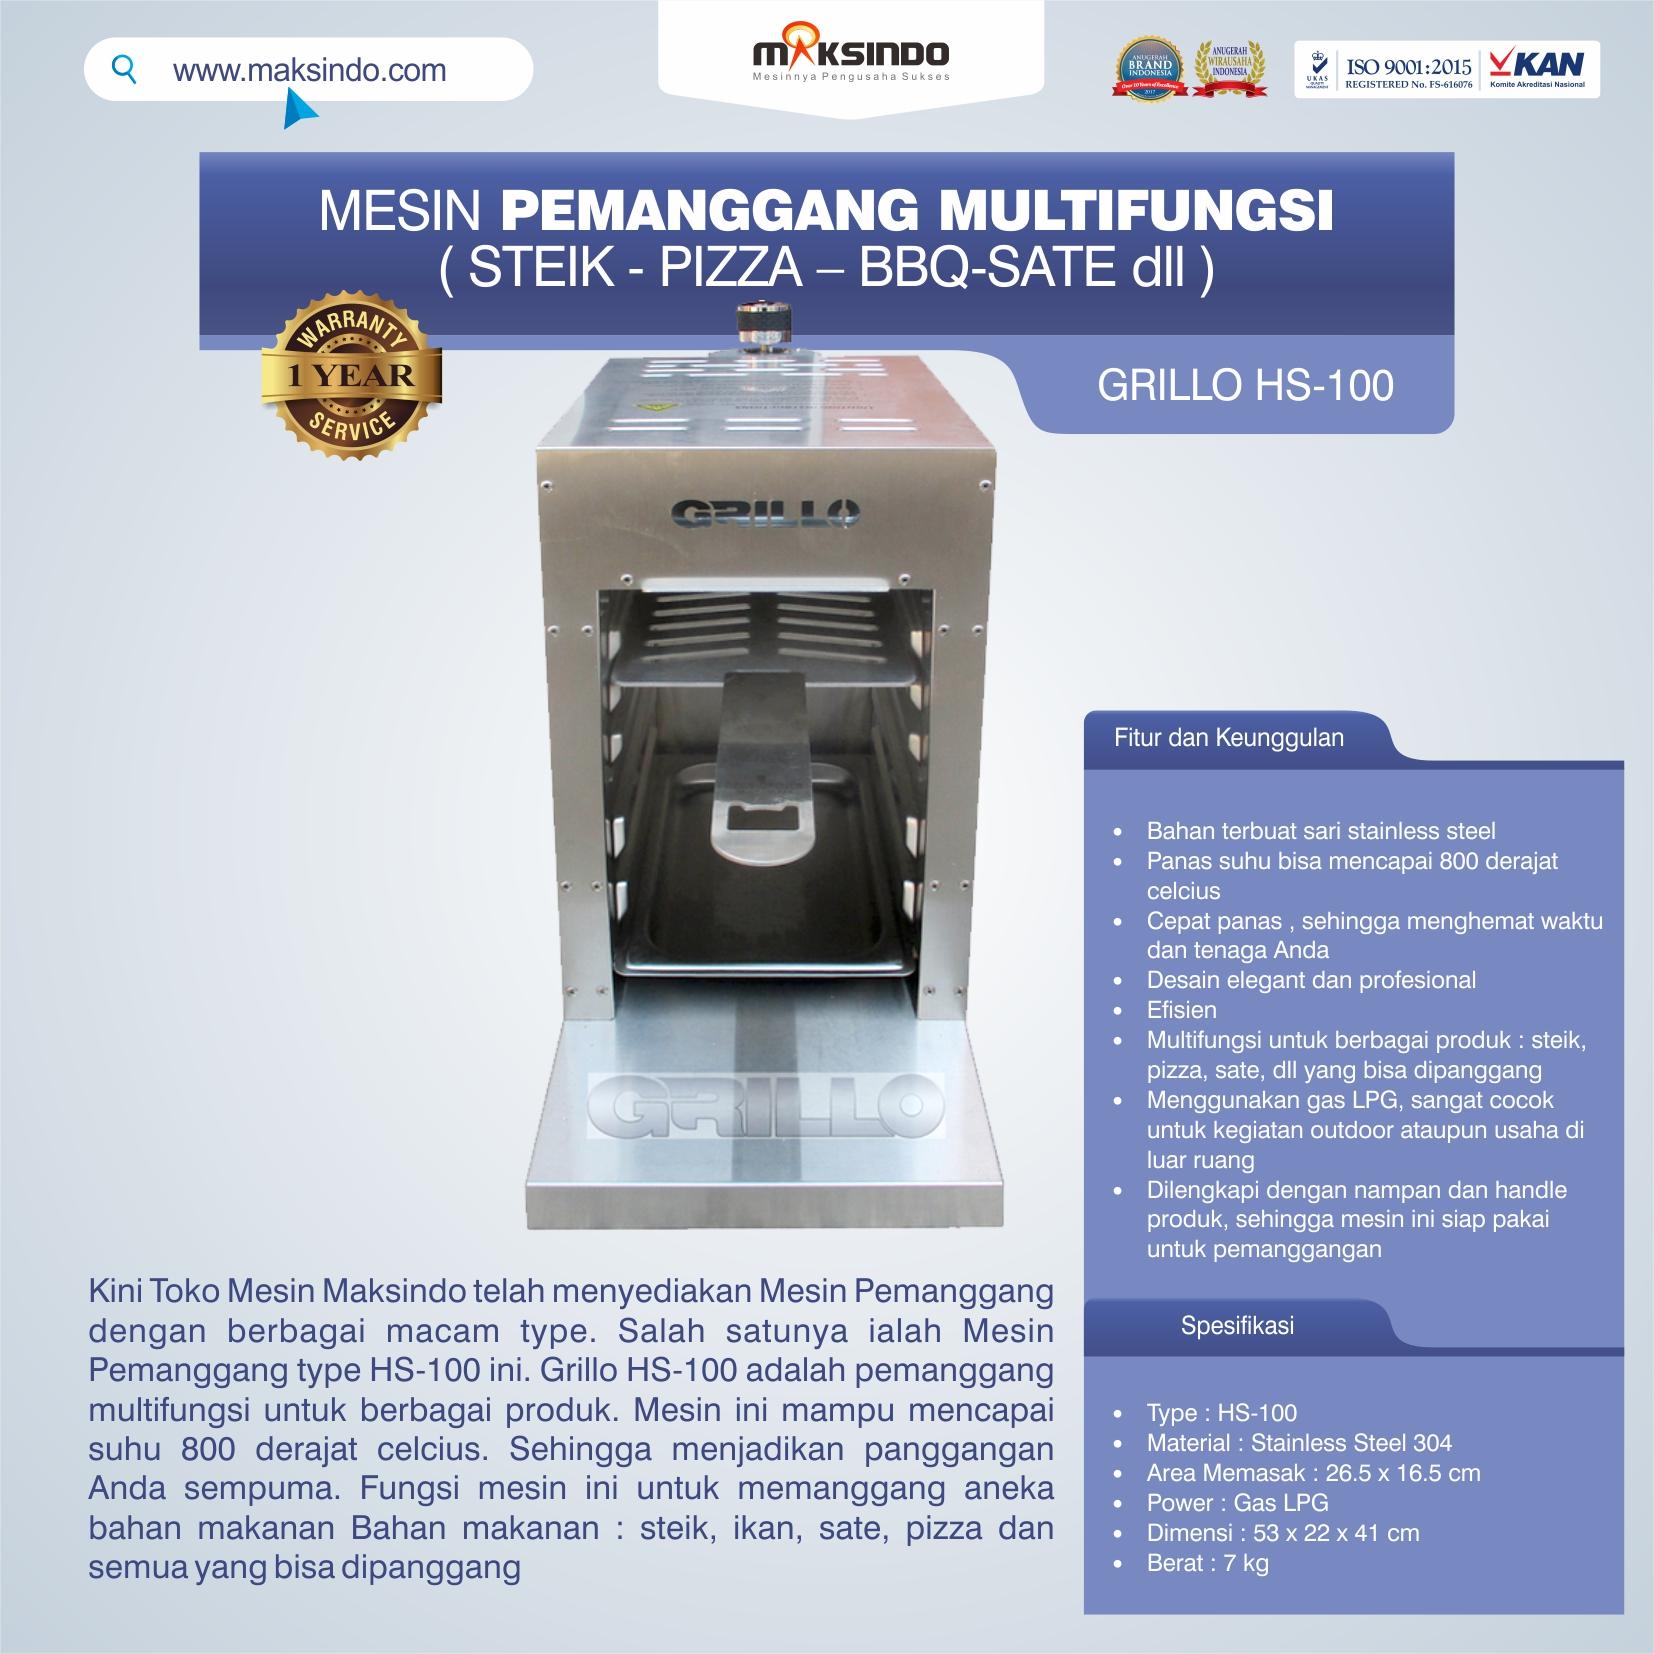 Jual Mesin Pemanggang Steik – Pizza (GRILLO  HS-100) di Semarang